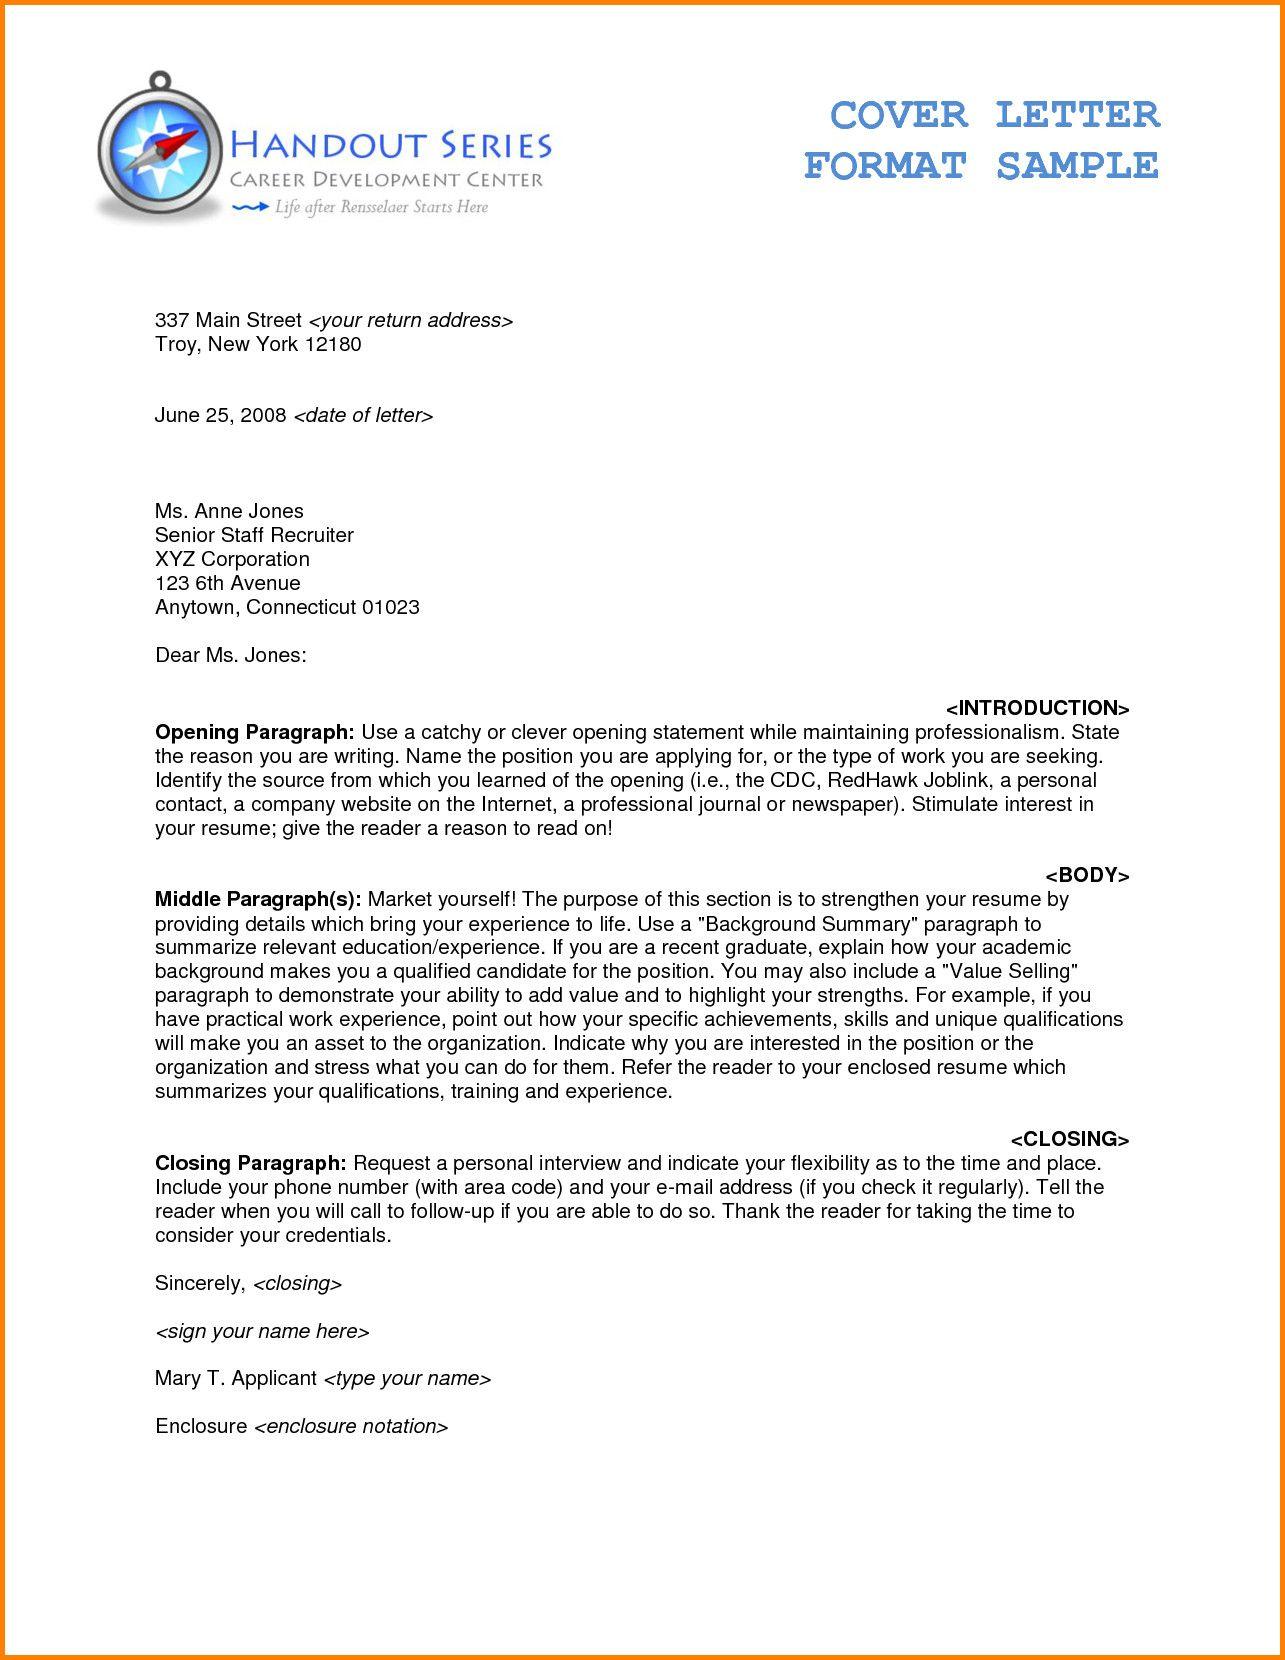 Enclosure In A Letter Elegant Business Letter Format Enclosure Notation Resume Cover Letter Examples Lettering Business Letter Format